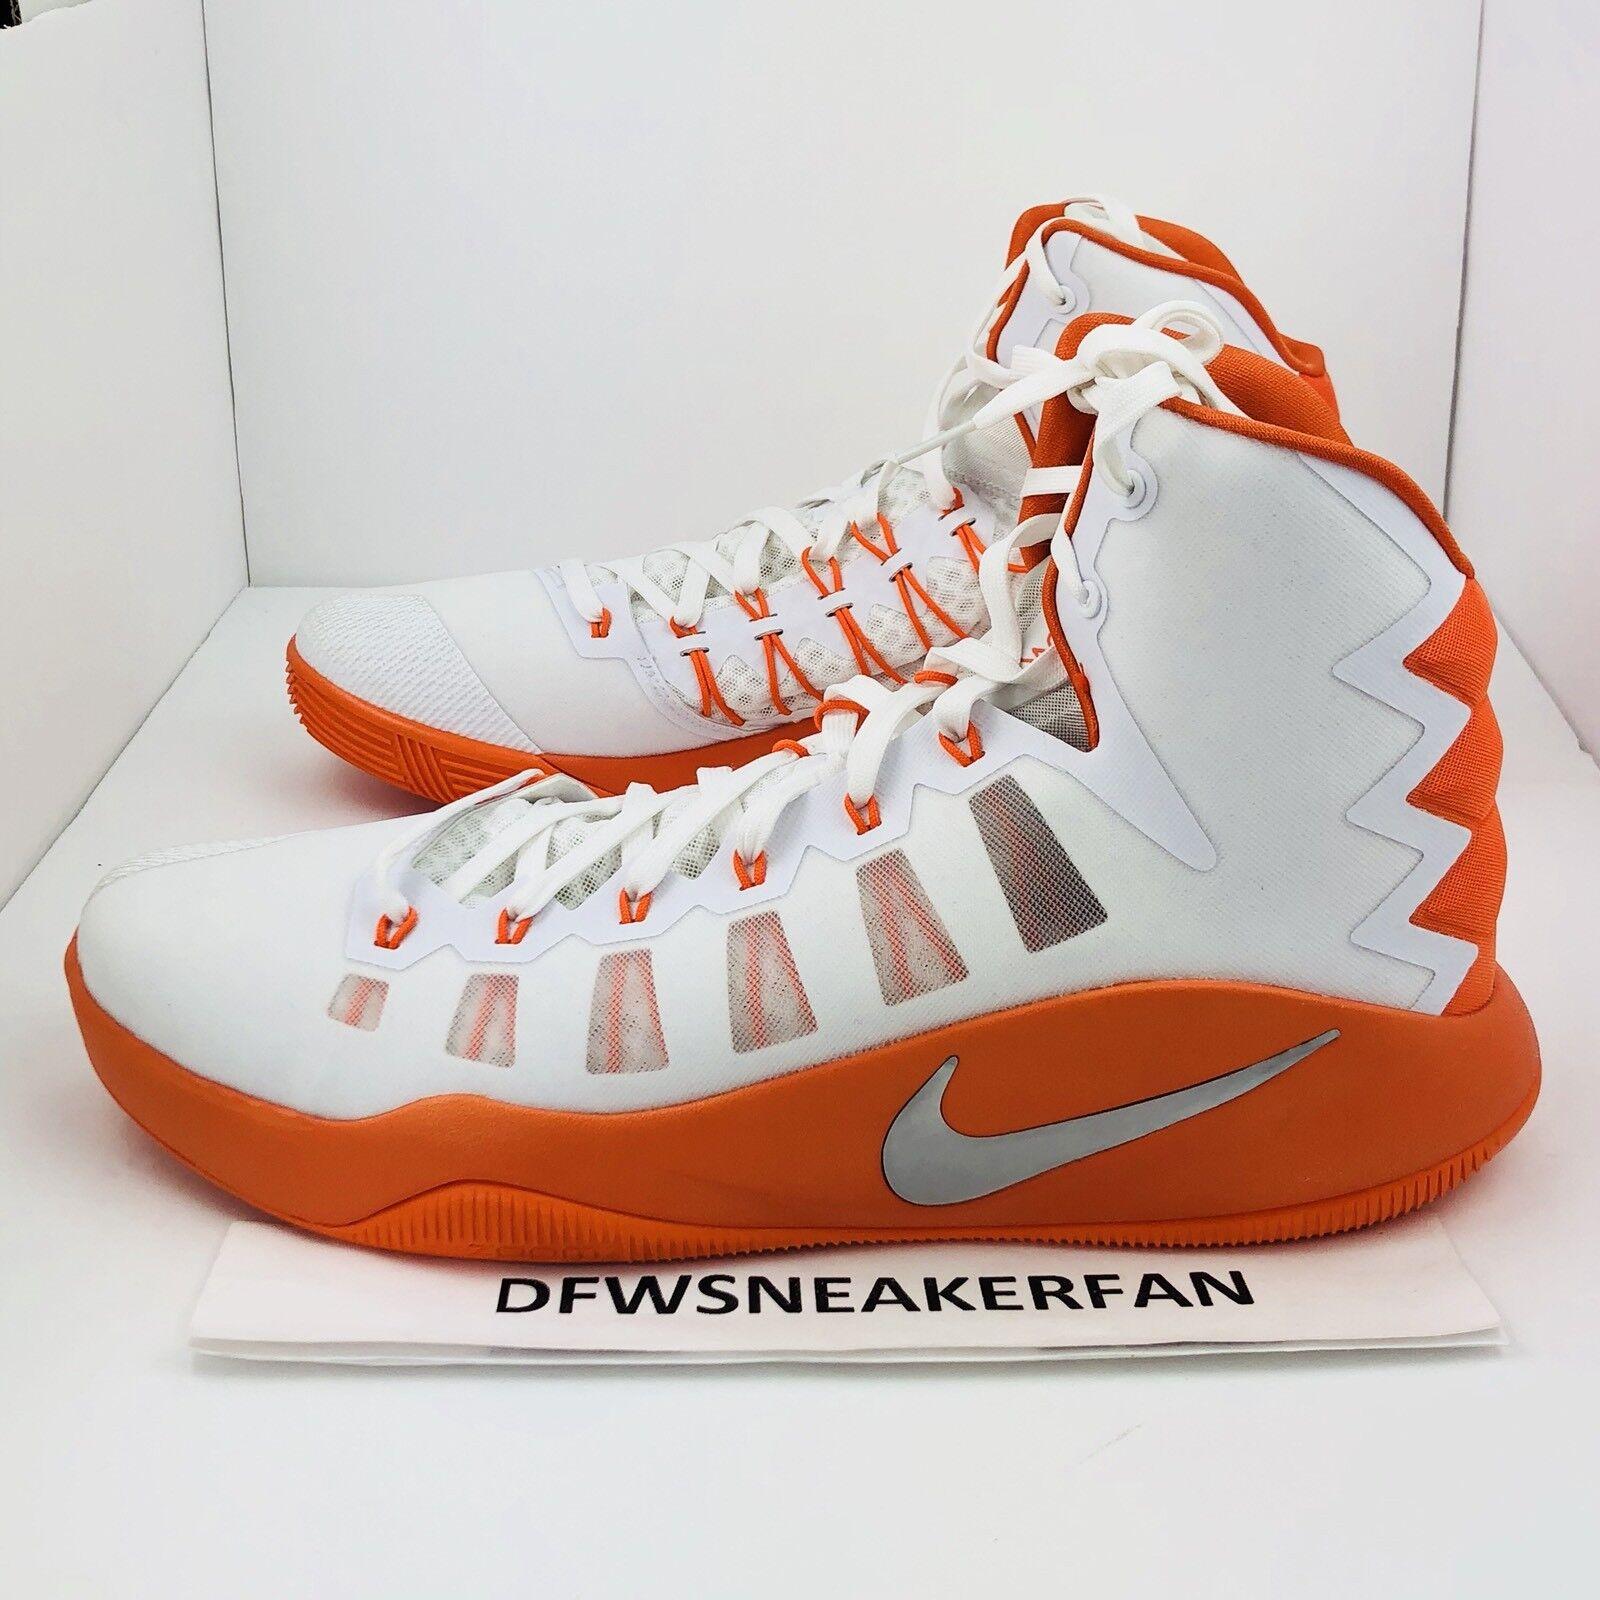 Nike hyperdunk 2016 alto uomini dimensioni scarpe da basket bianco arancio 856483-180